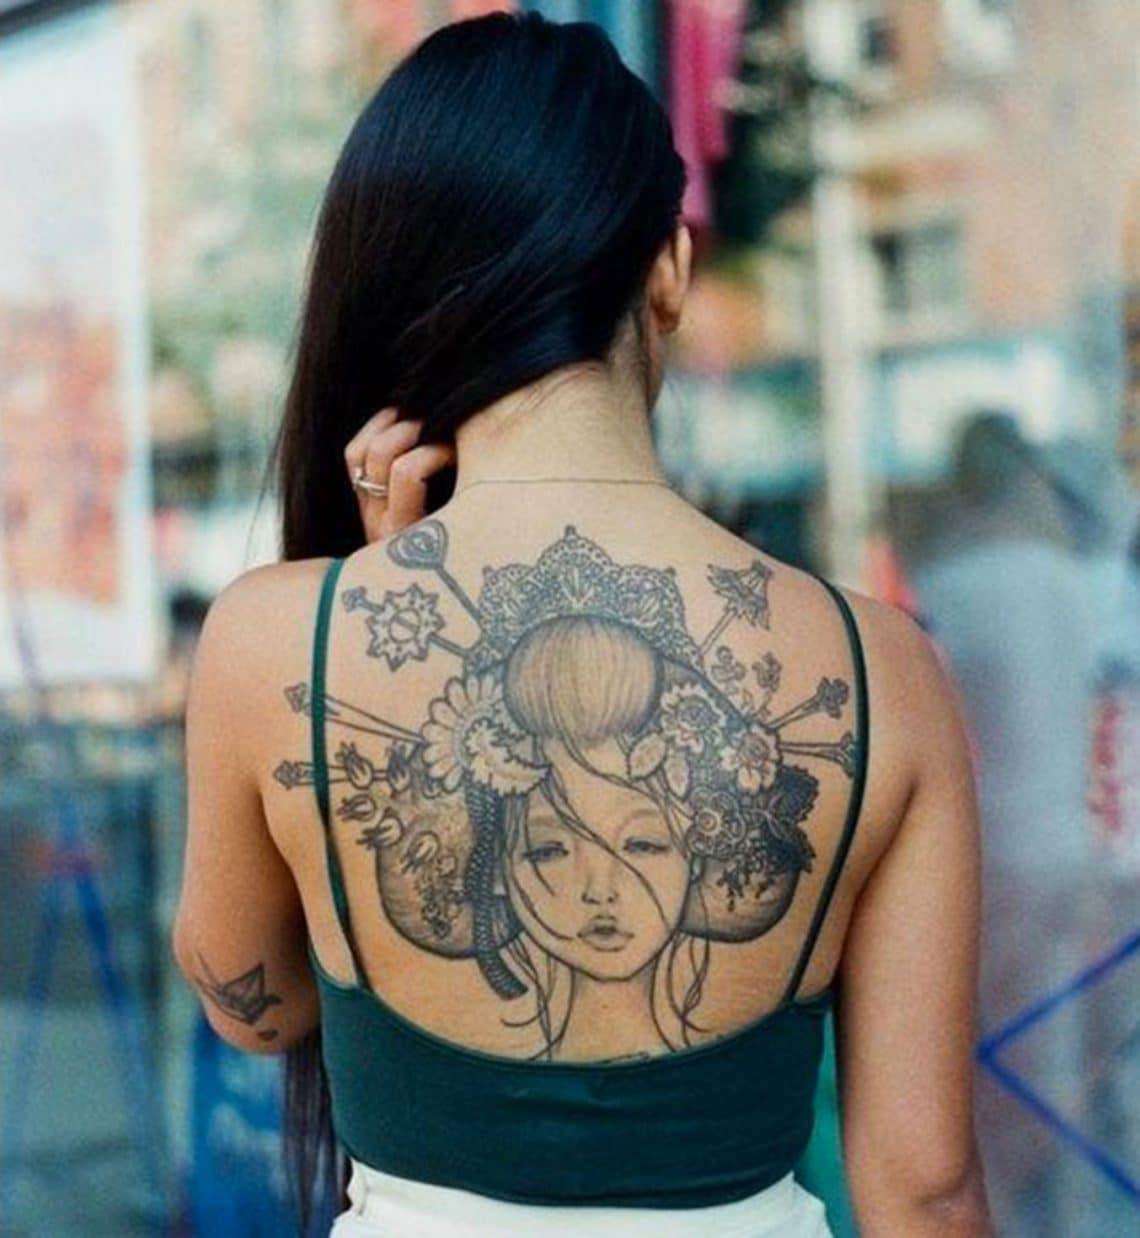 Tatouage Japonais femme : 15+ idées de tatouages et sa signification 4